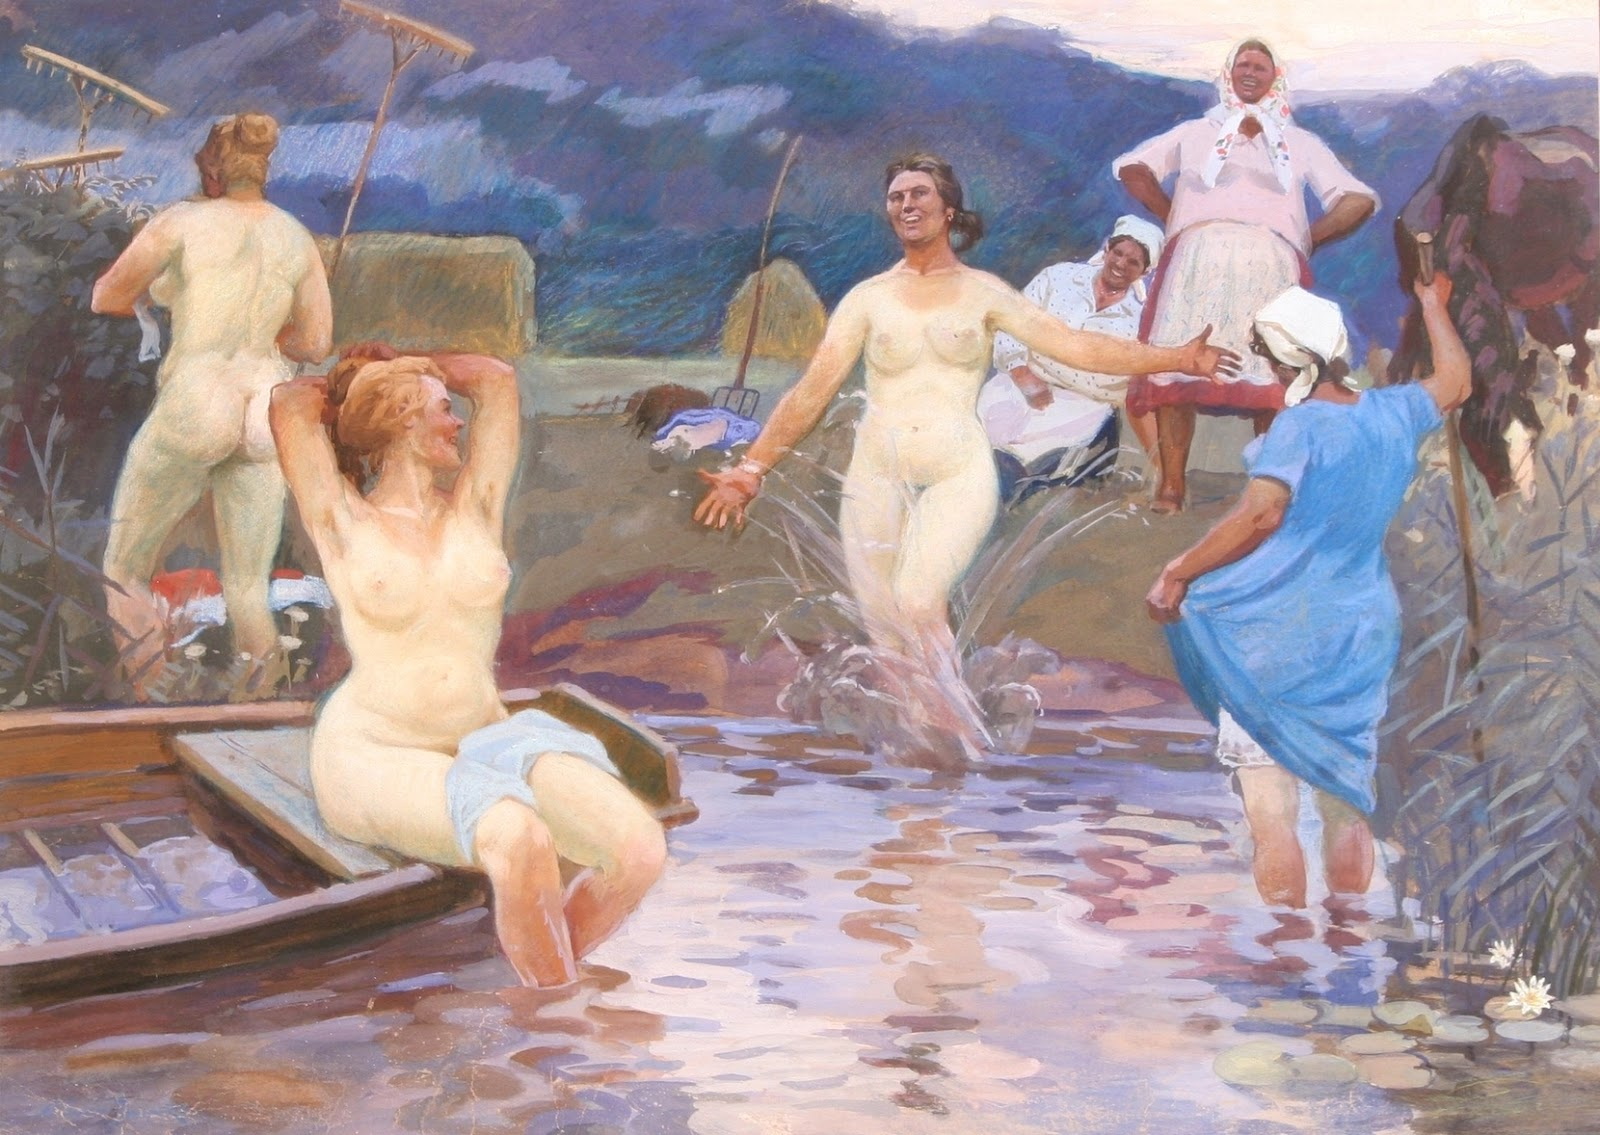 9-porno.ru В бане женщины купаются